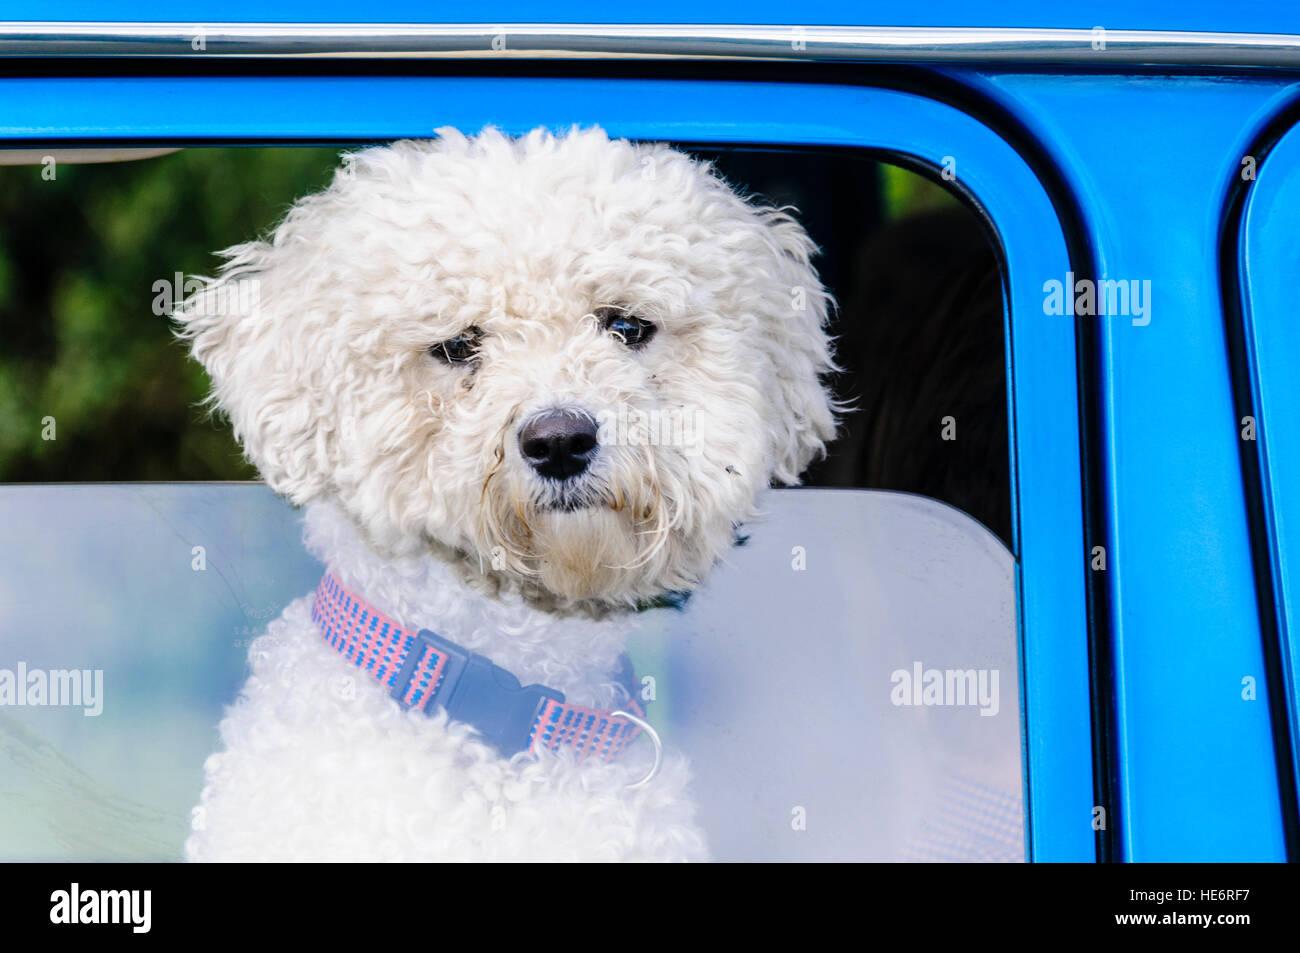 A cute bichon frise dog pokes his head through a car window. - Stock Image